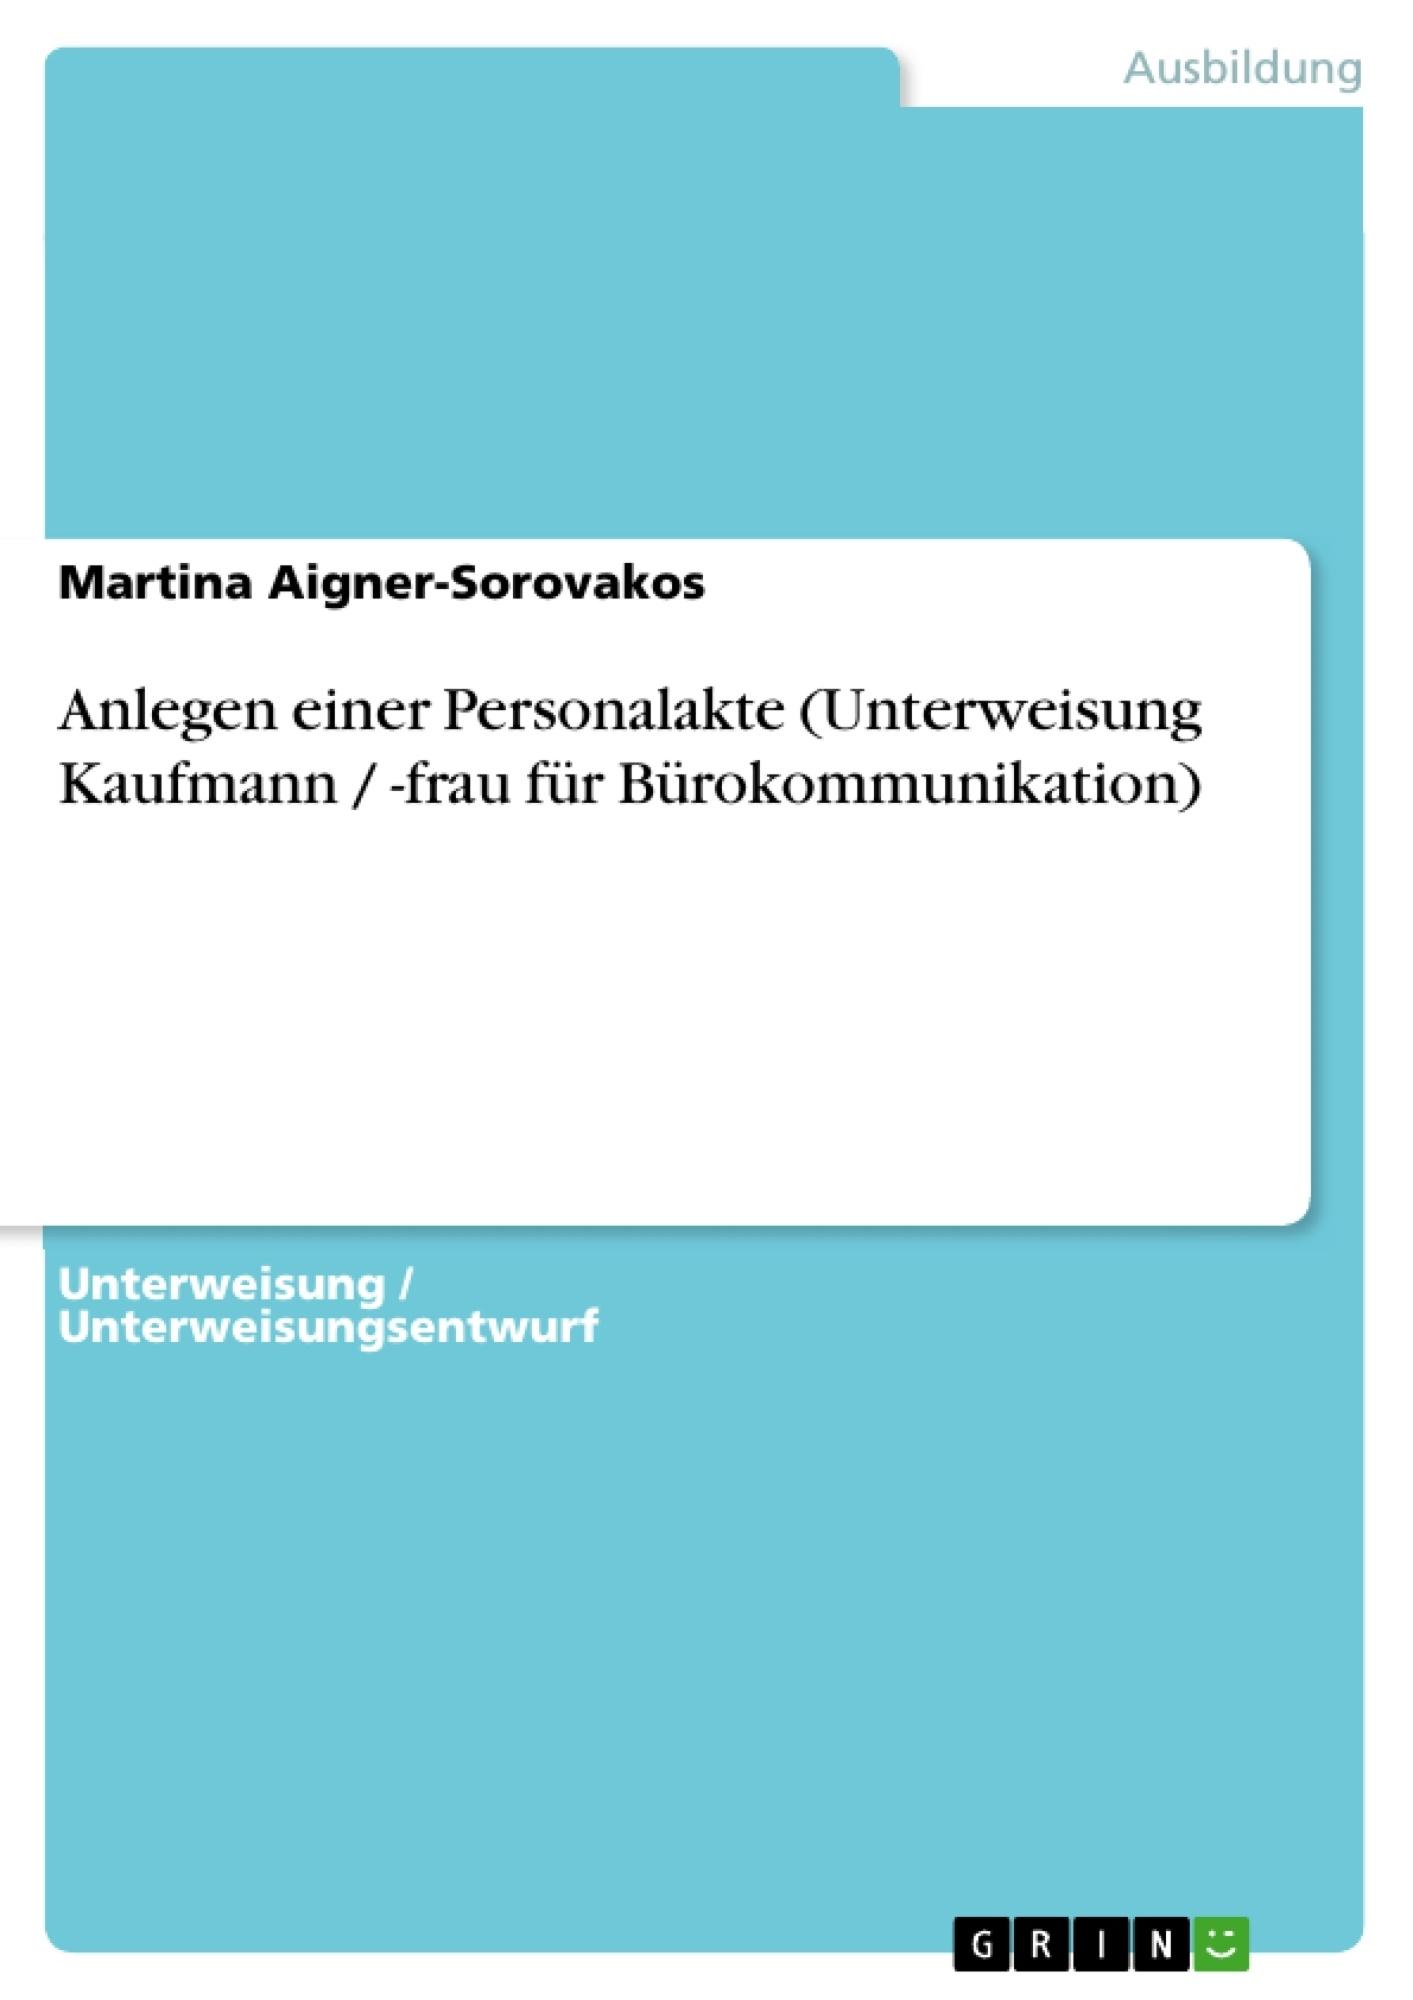 Titel: Anlegen einer Personalakte (Unterweisung Kaufmann / -frau für Bürokommunikation)